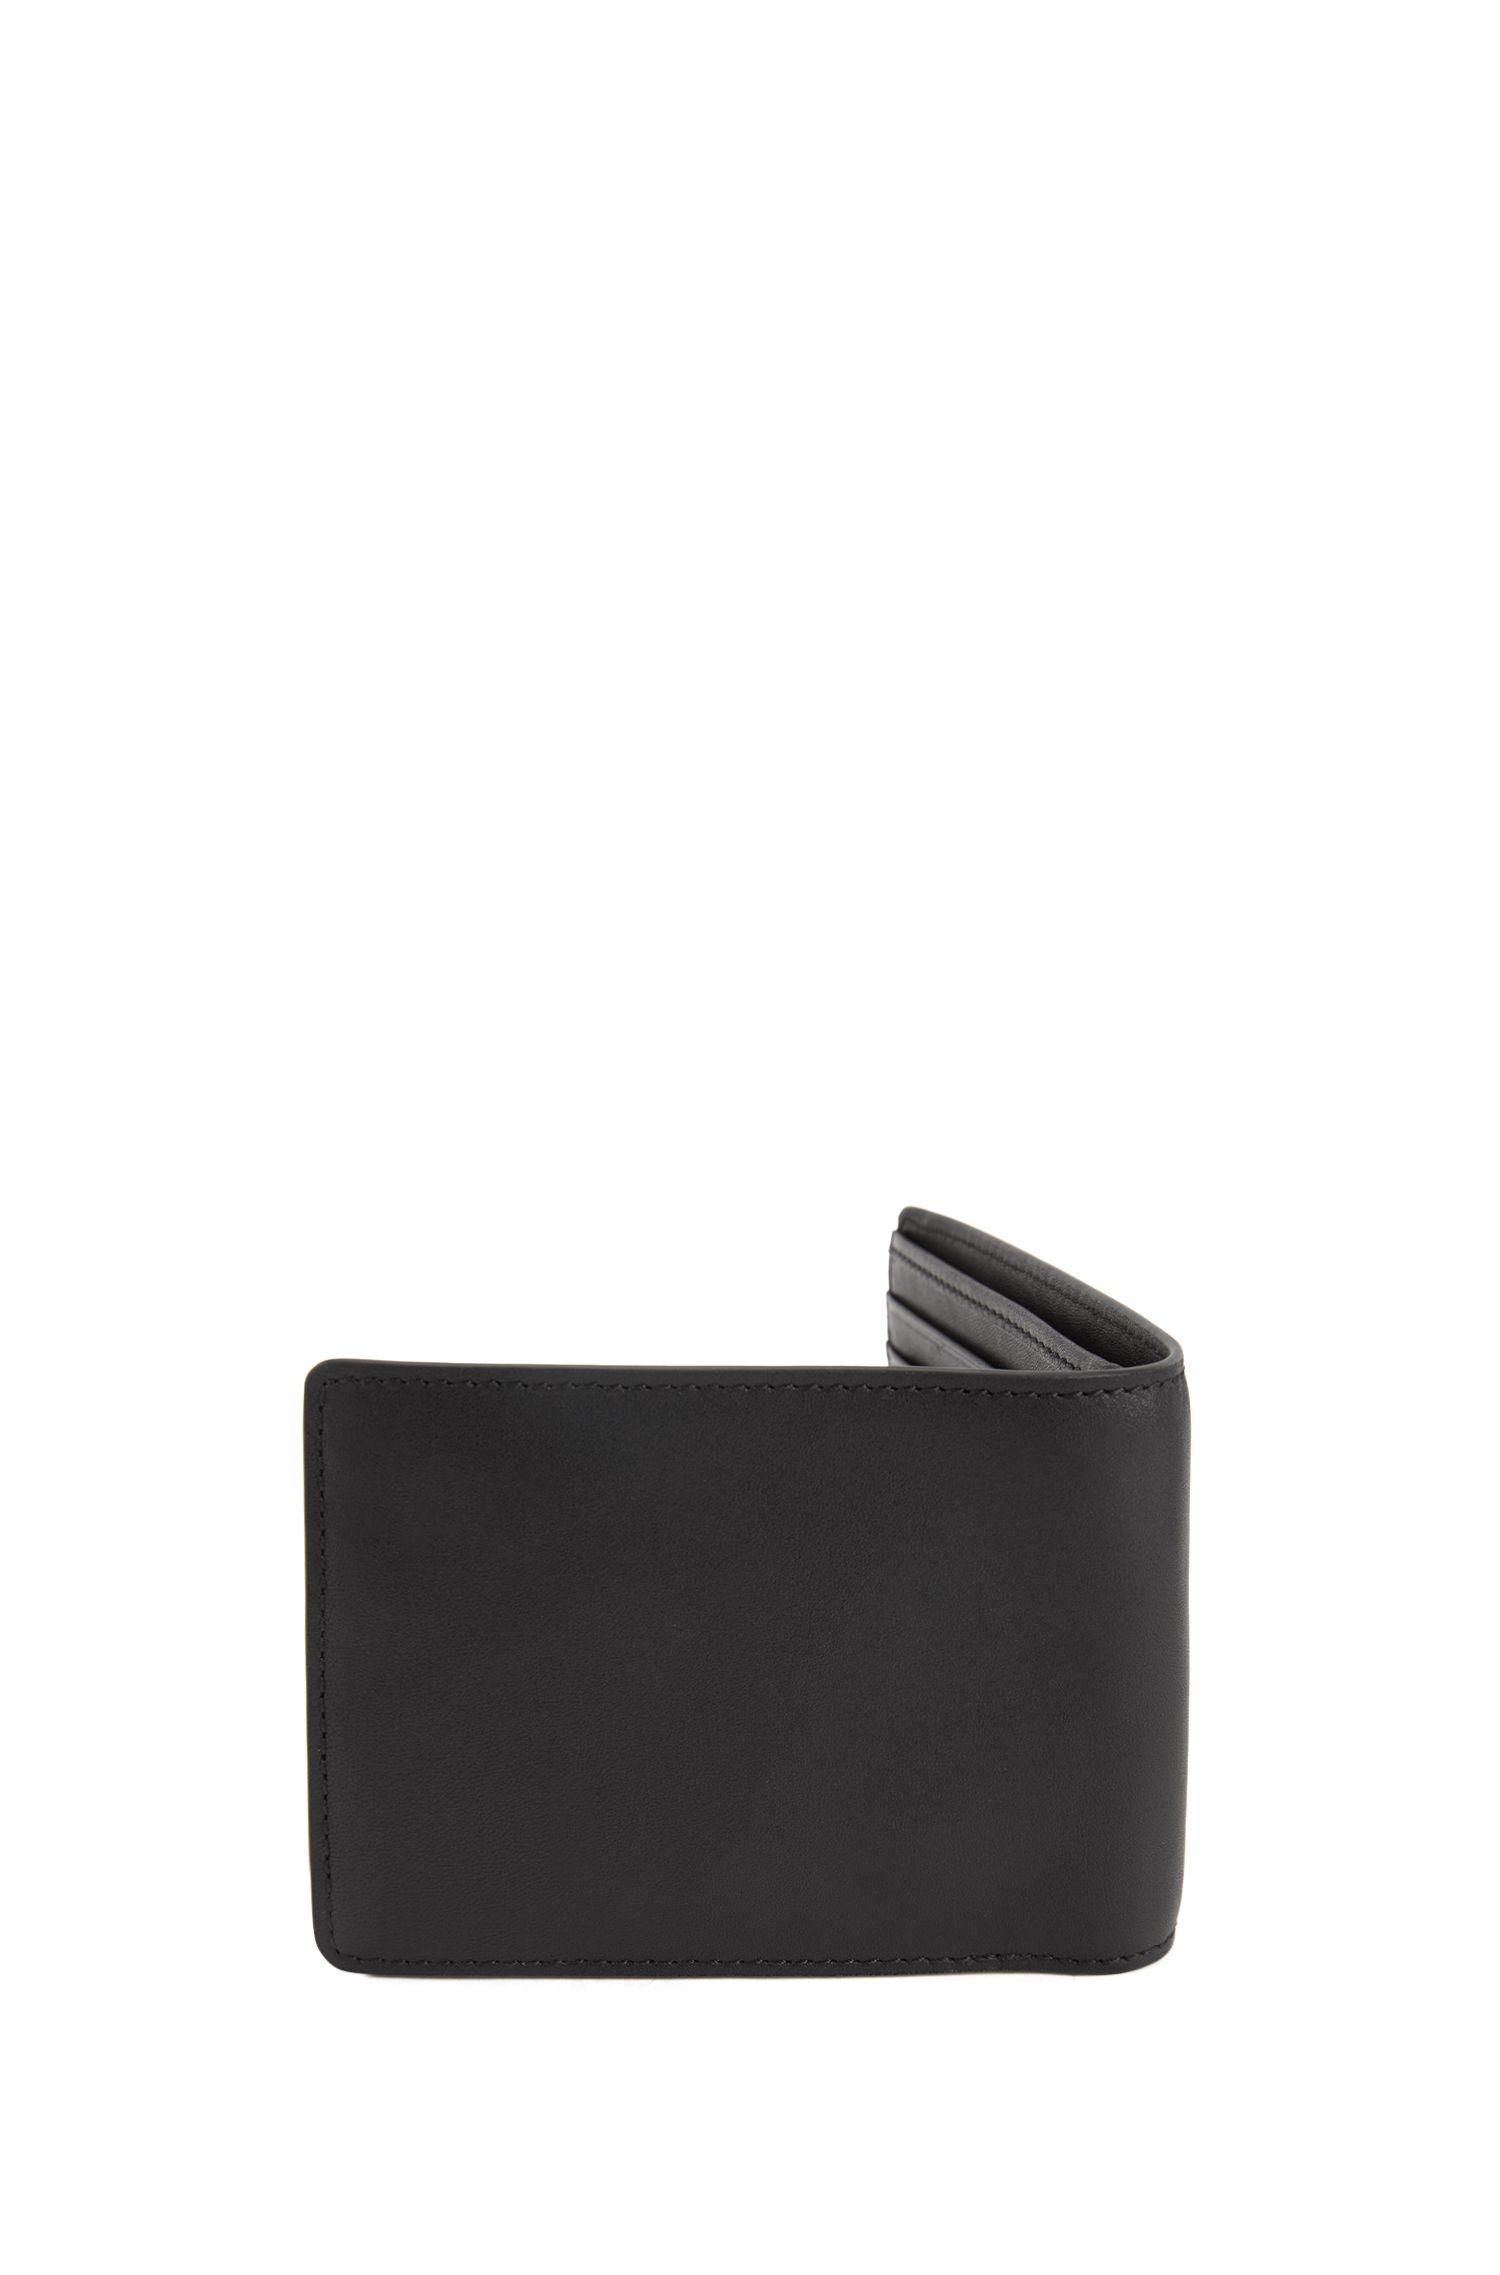 Portefeuille pliable en cuir nappa avec logo embossé